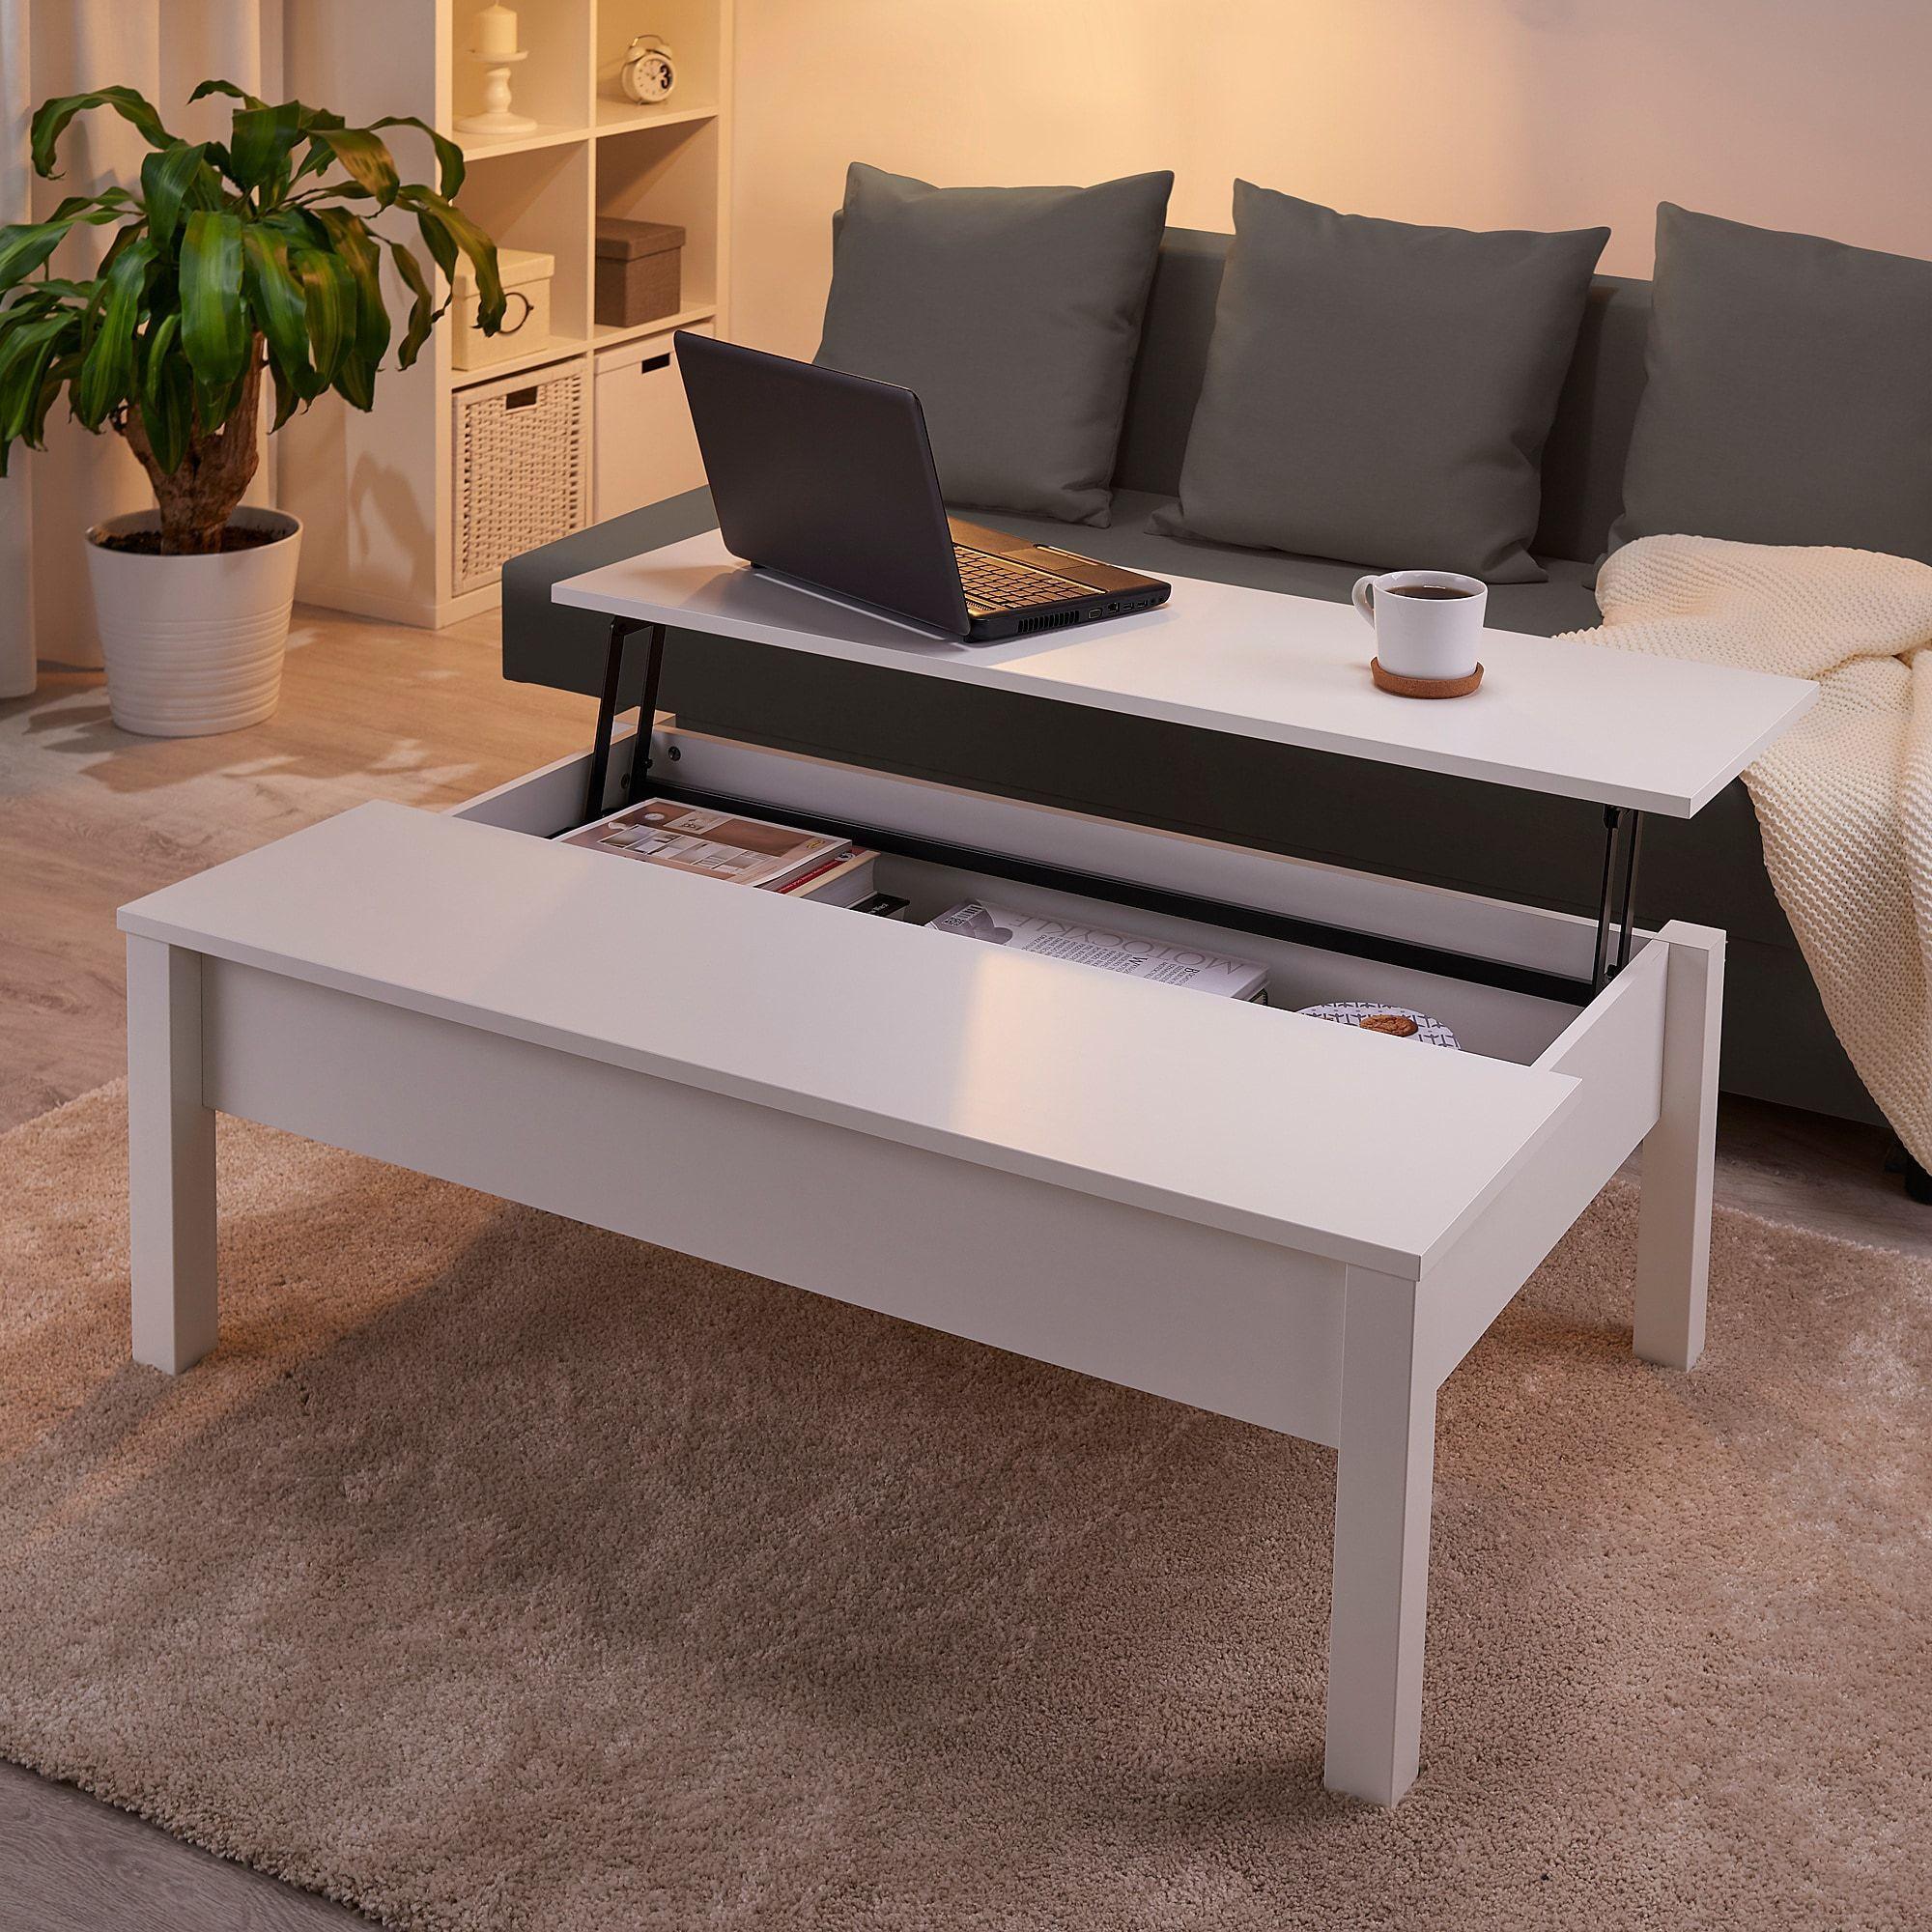 Couchtisch Suchen Ikea In 2020 Wohnzimmertische Ikea